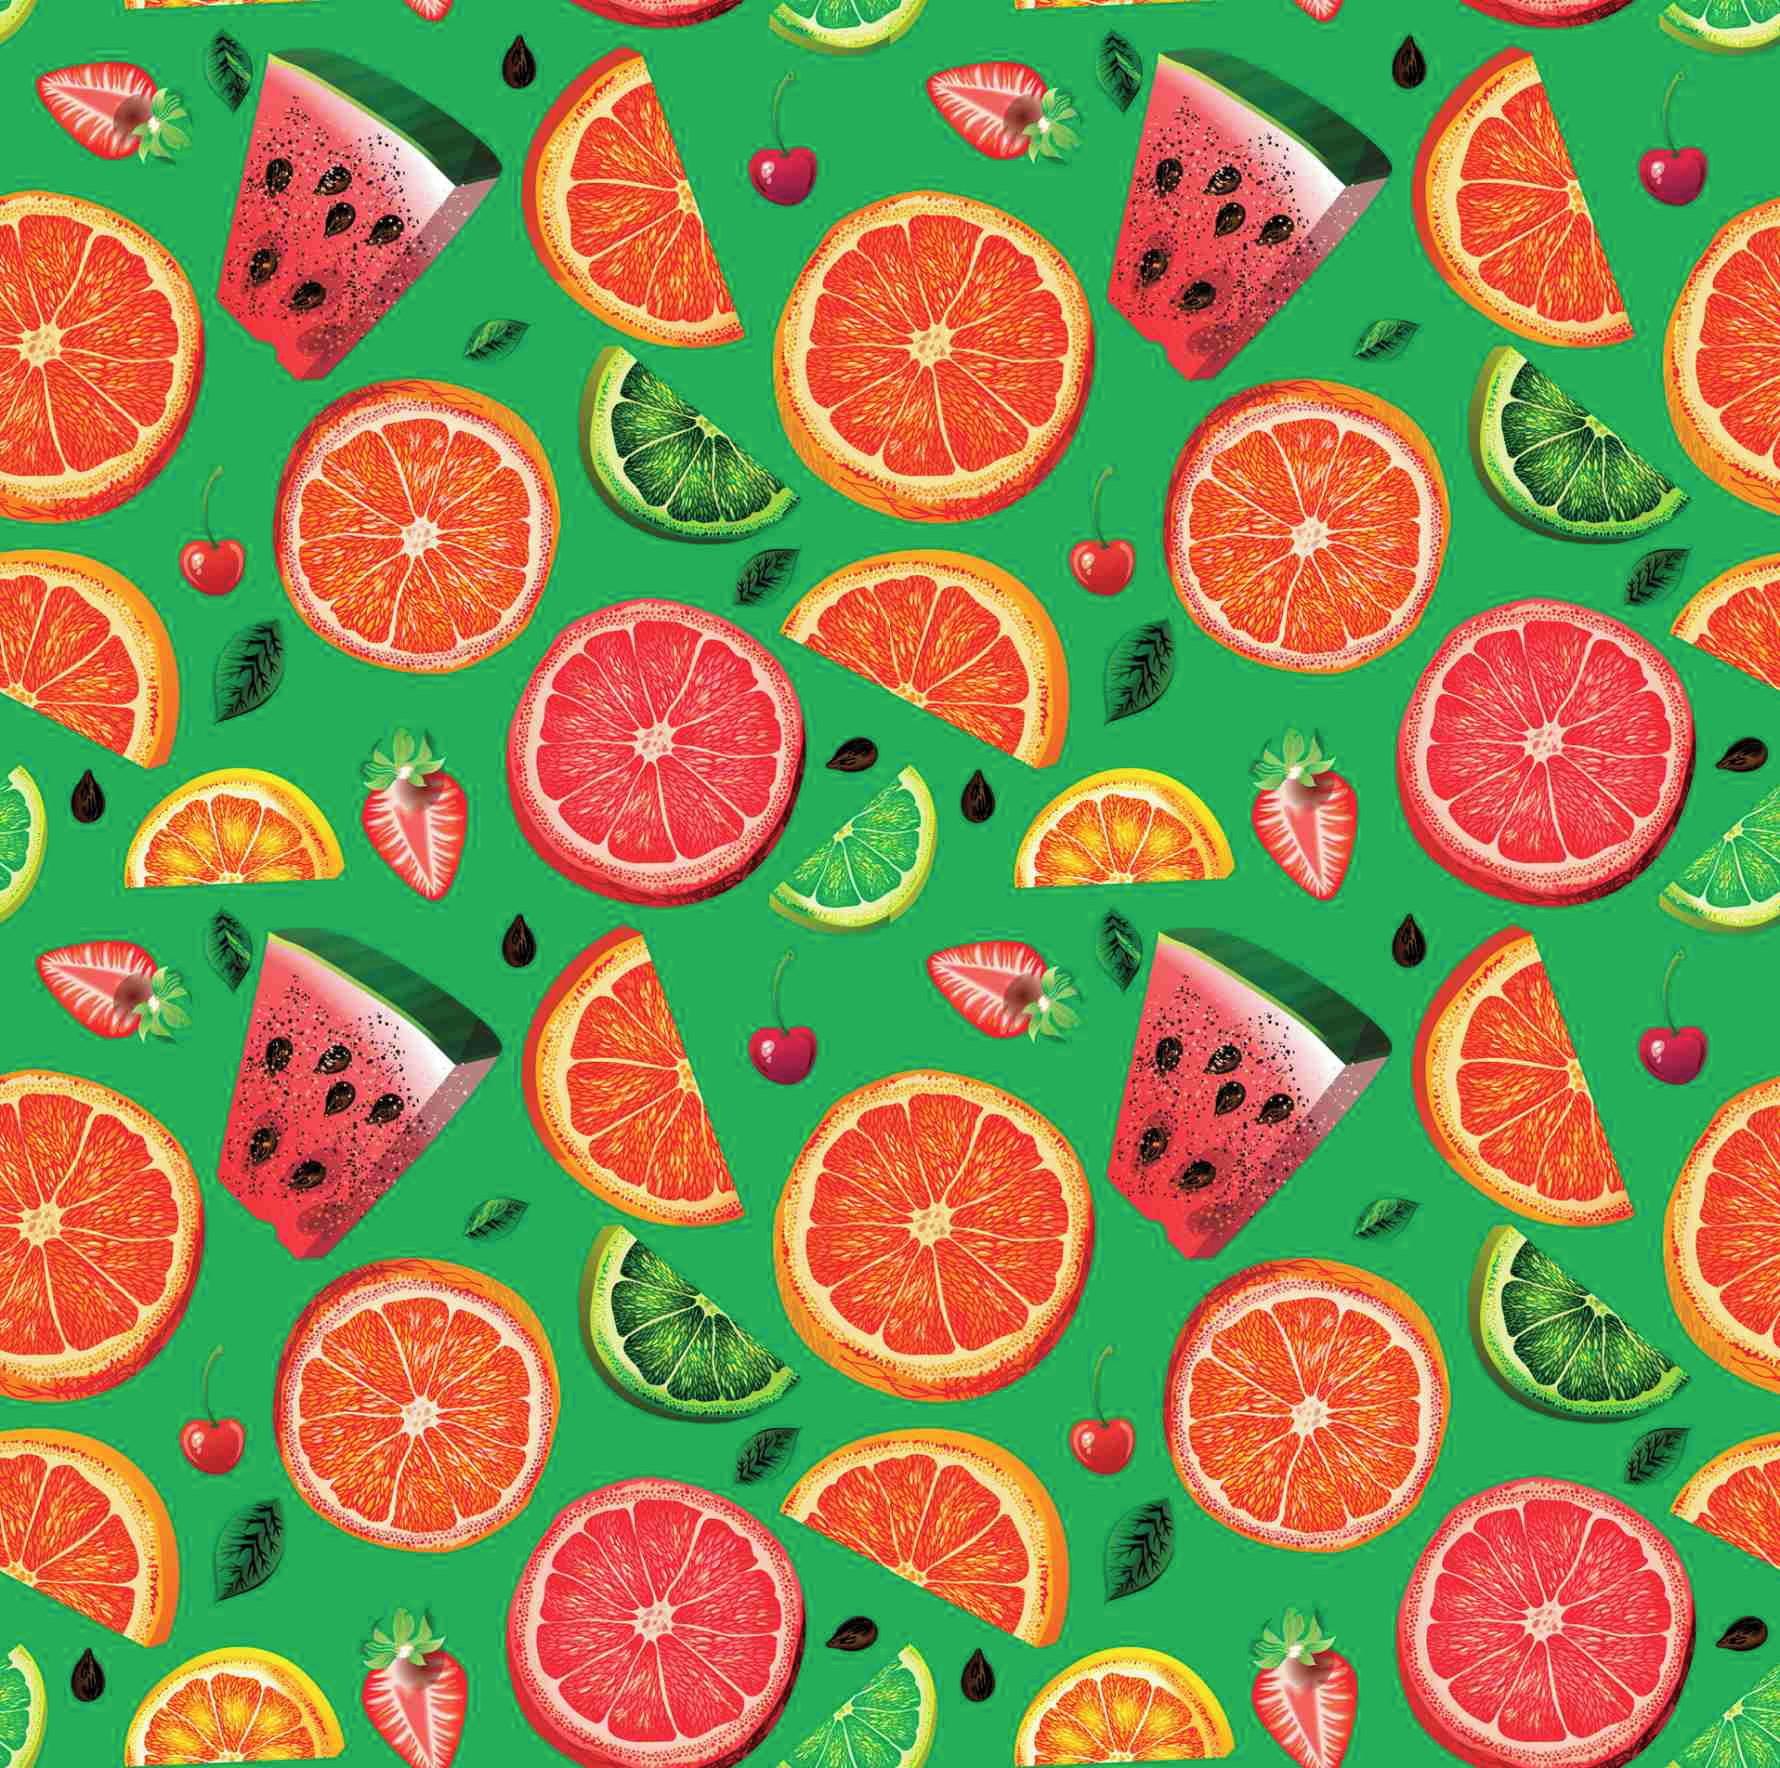 Papel De Parede Frutas Com Fundo Verde 1179 No Elo7 Papel Mais